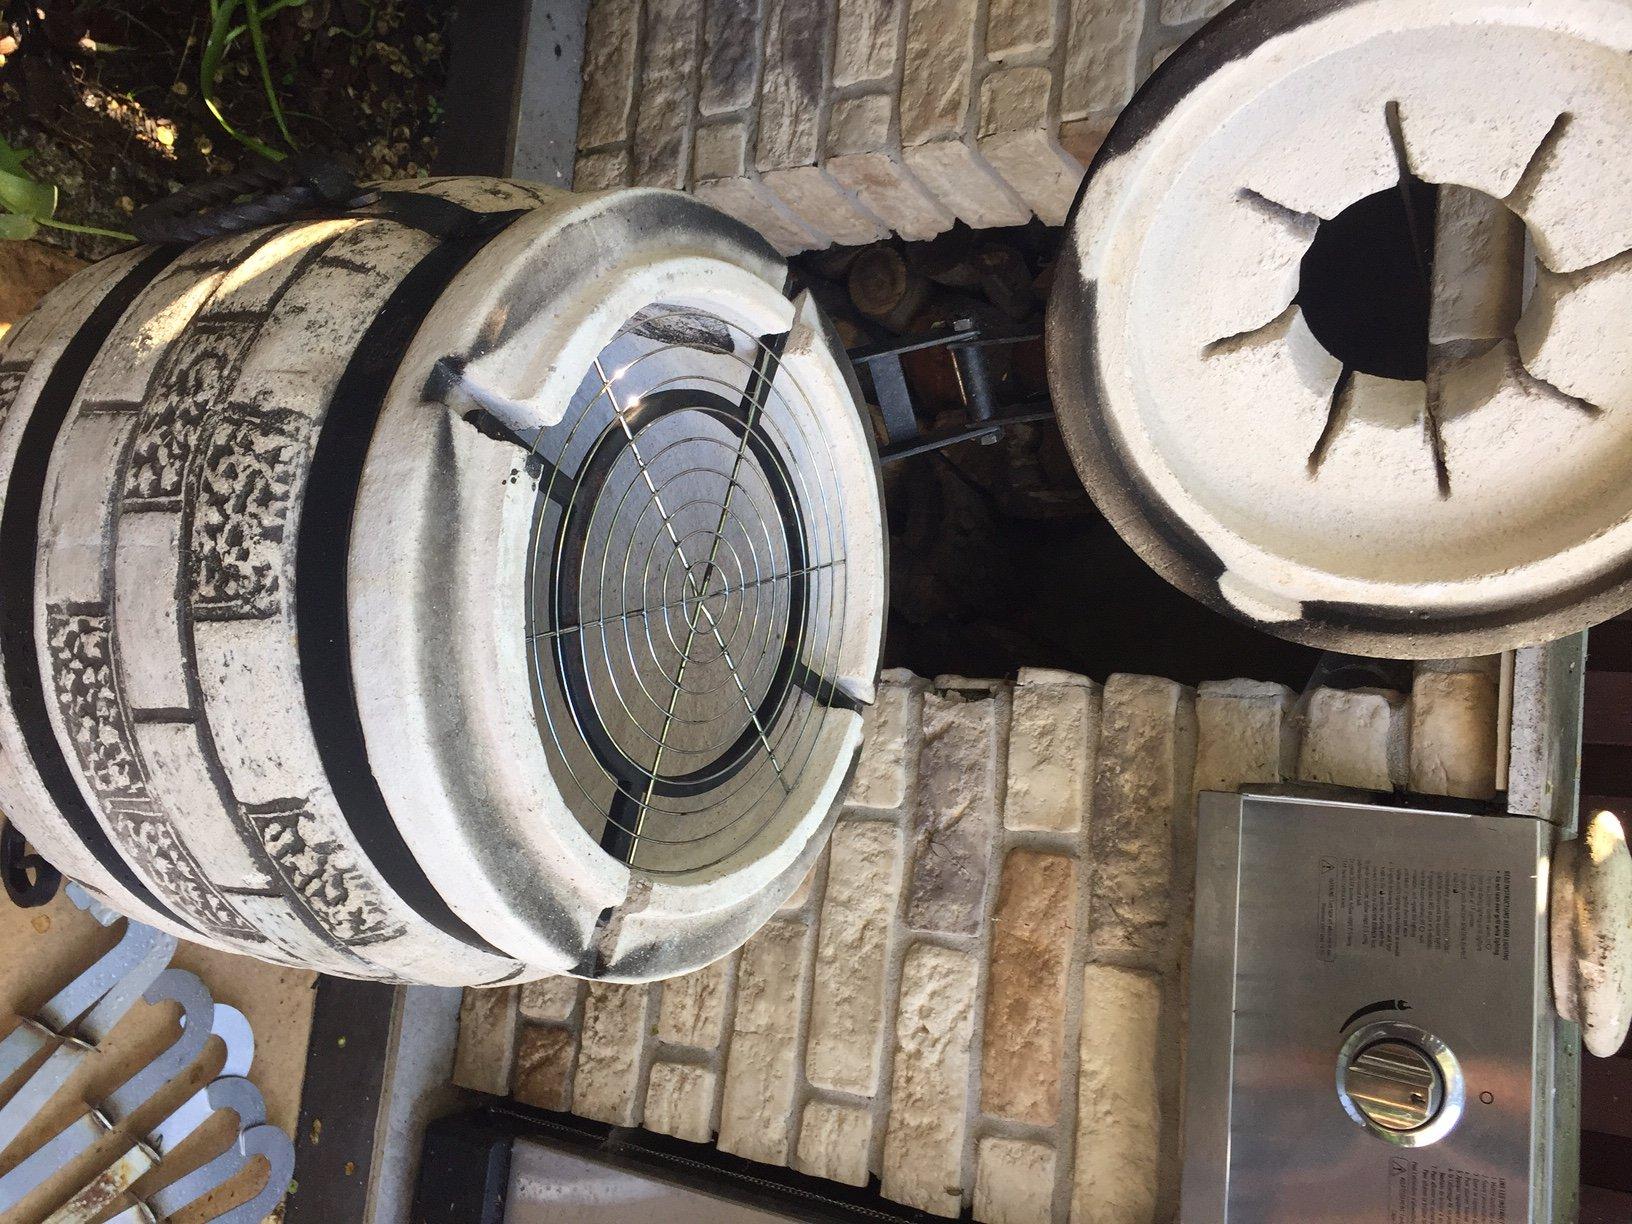 Bardzo dobryFantastyczny piec tandoor, tandor, za pół ceny, grill wędzarnia - 7336148498 JX19